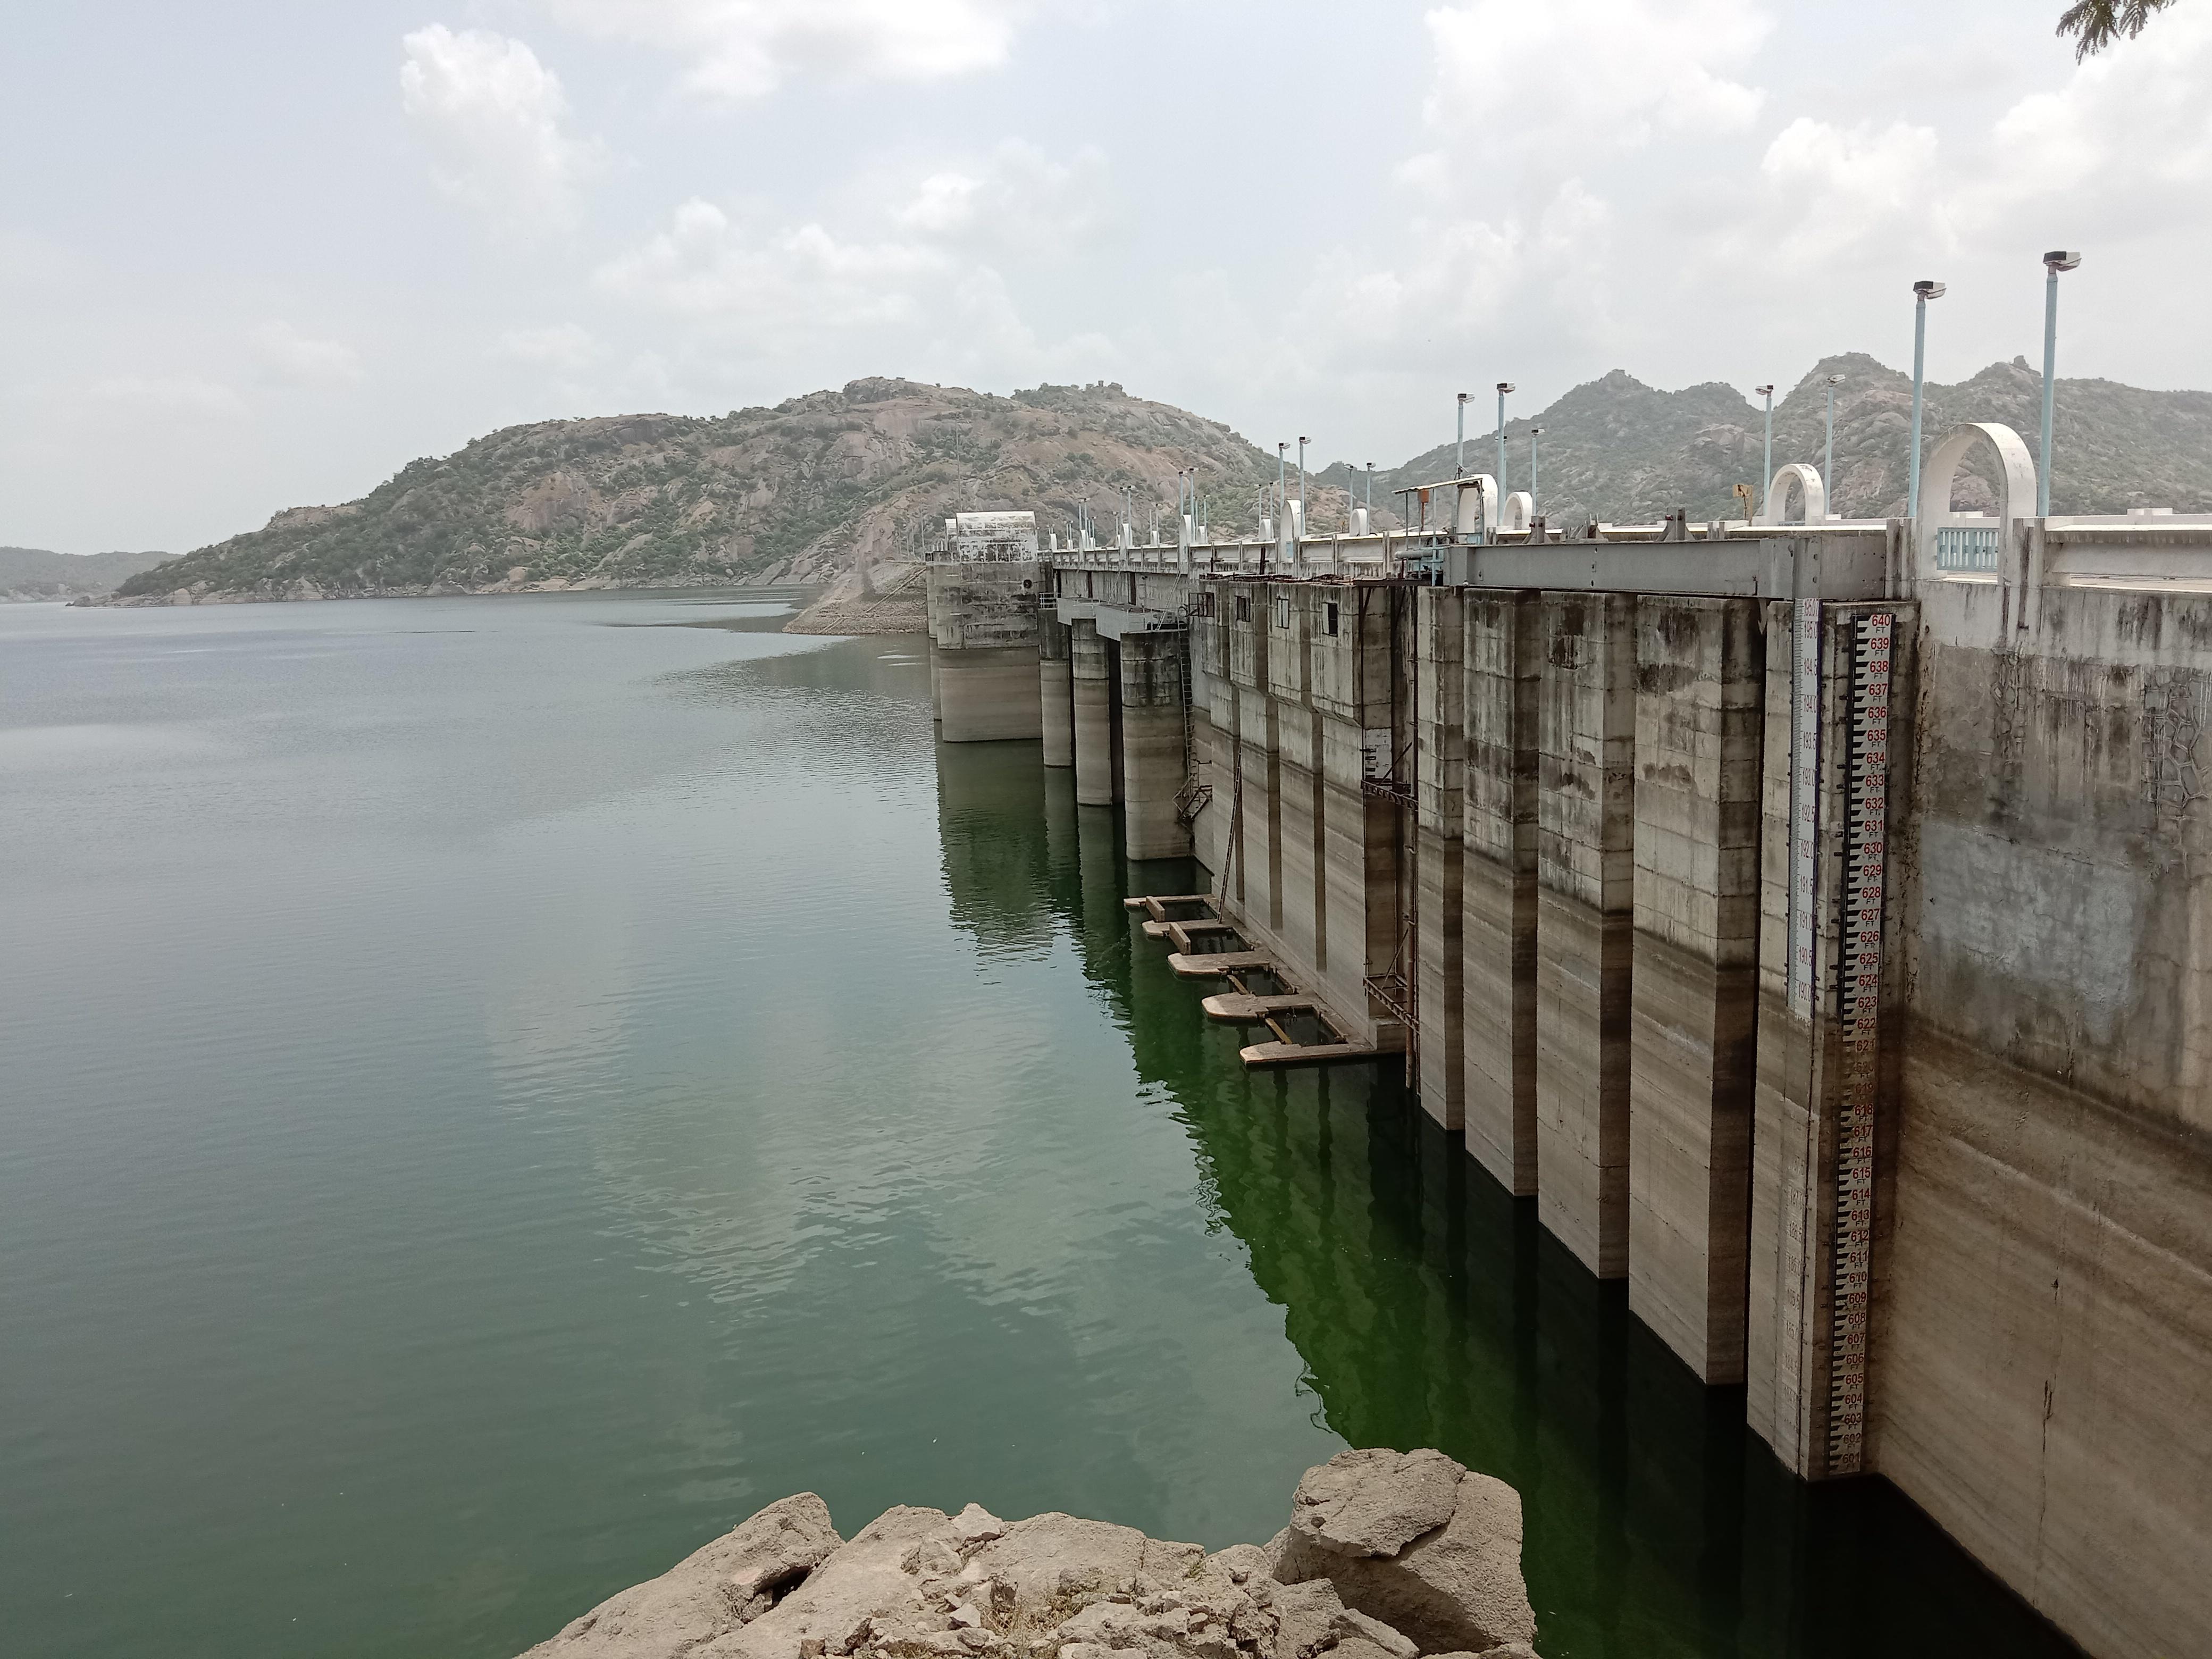 ધરોઈ ડેમમાં ગત વર્ષ કરતા આ વર્ષે 14 ફૂટ પાણી ઓછું,